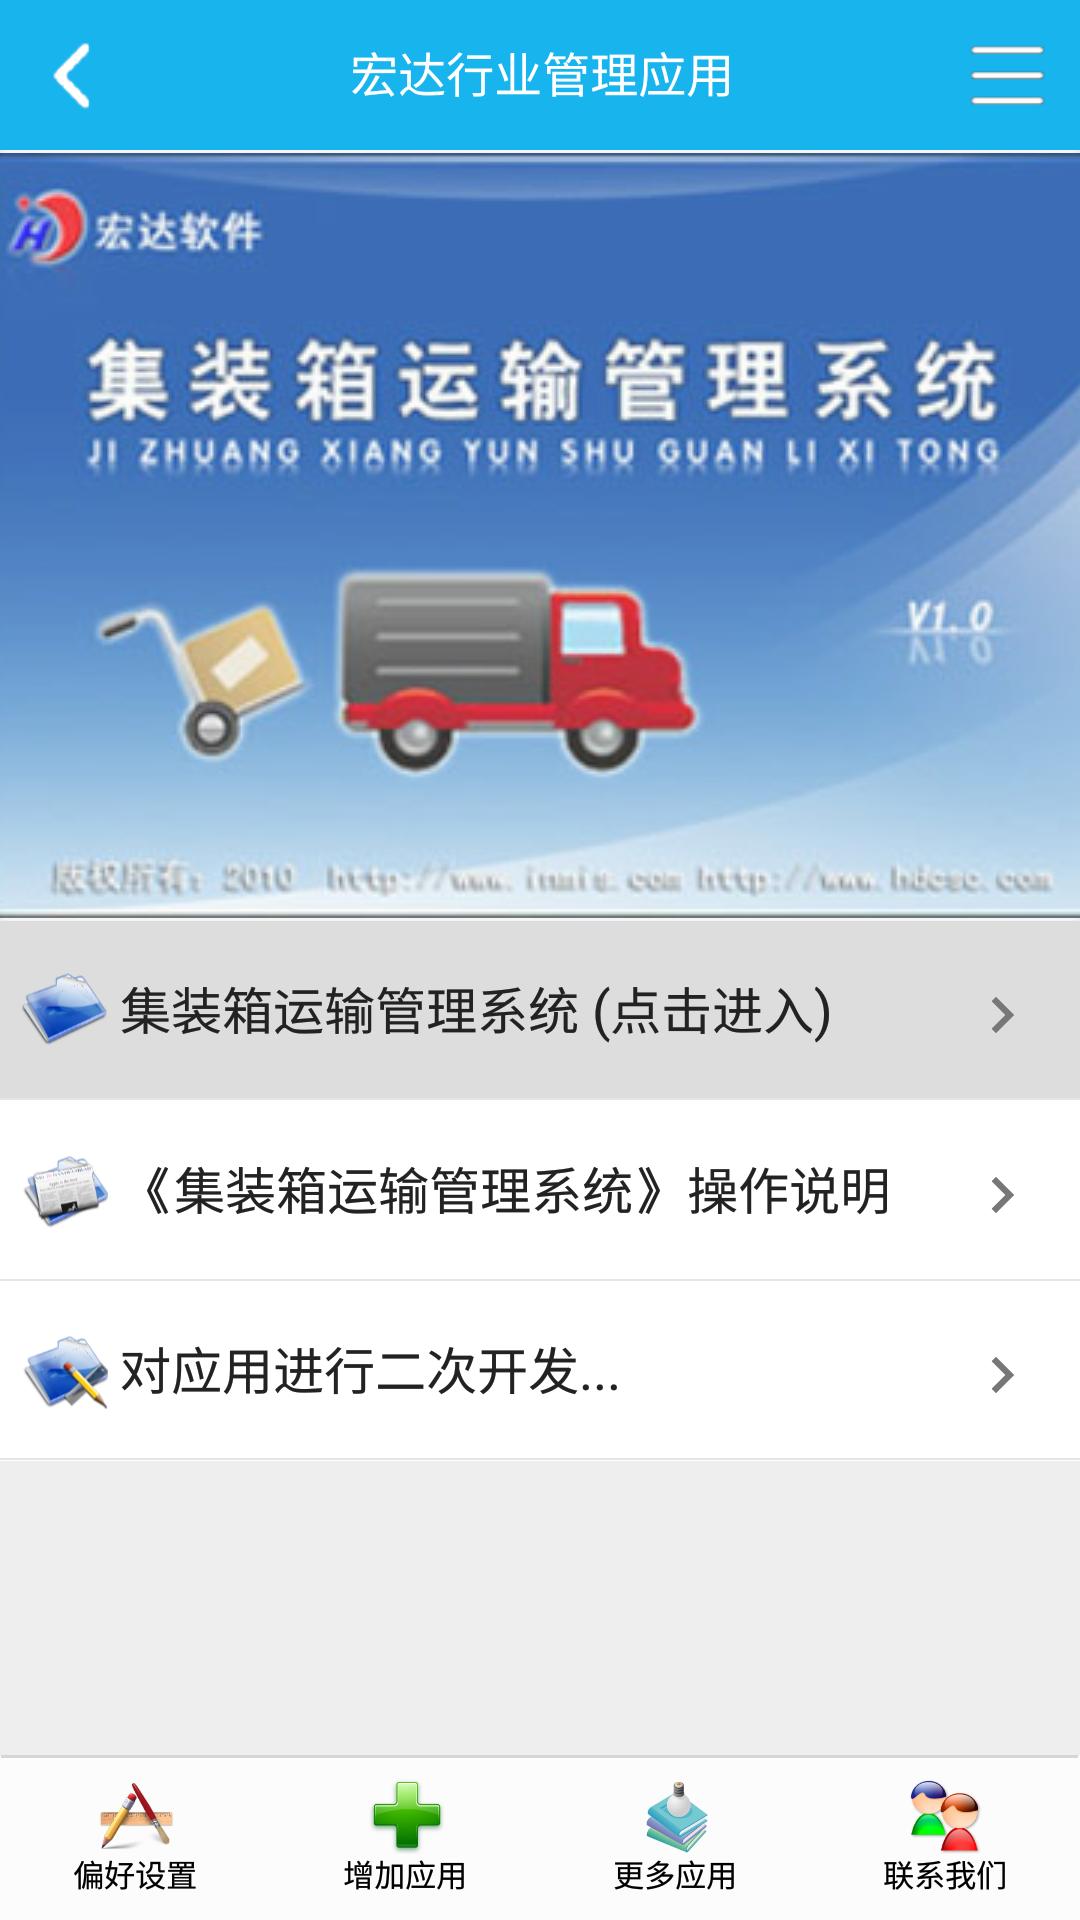 集装箱运输管理系统